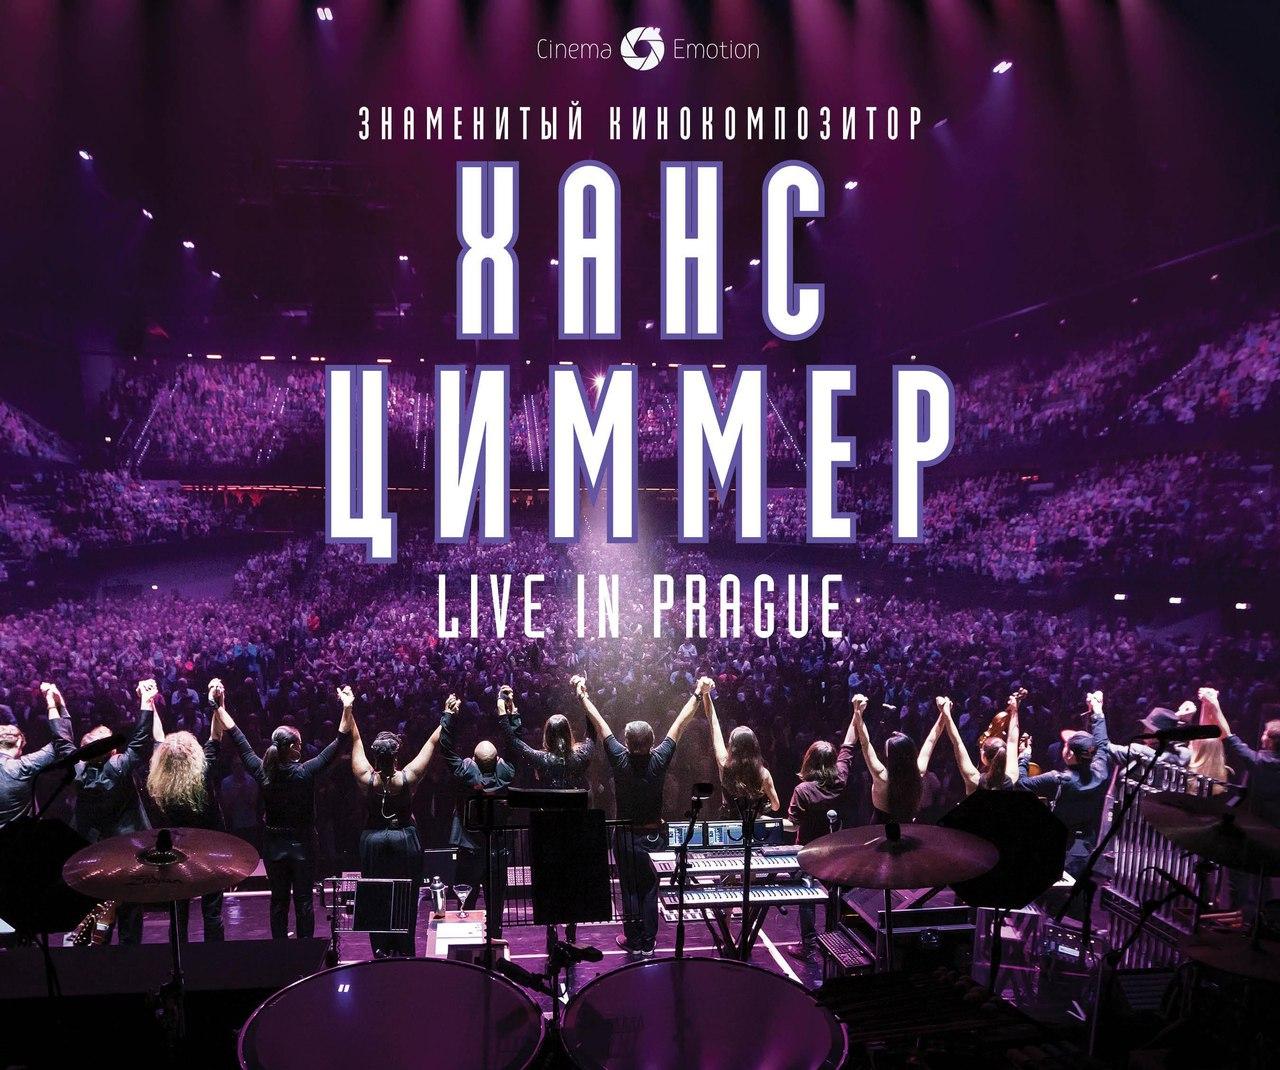 Афиша Хабаровск Ханс Циммер: Live in Prague - 23 декабря